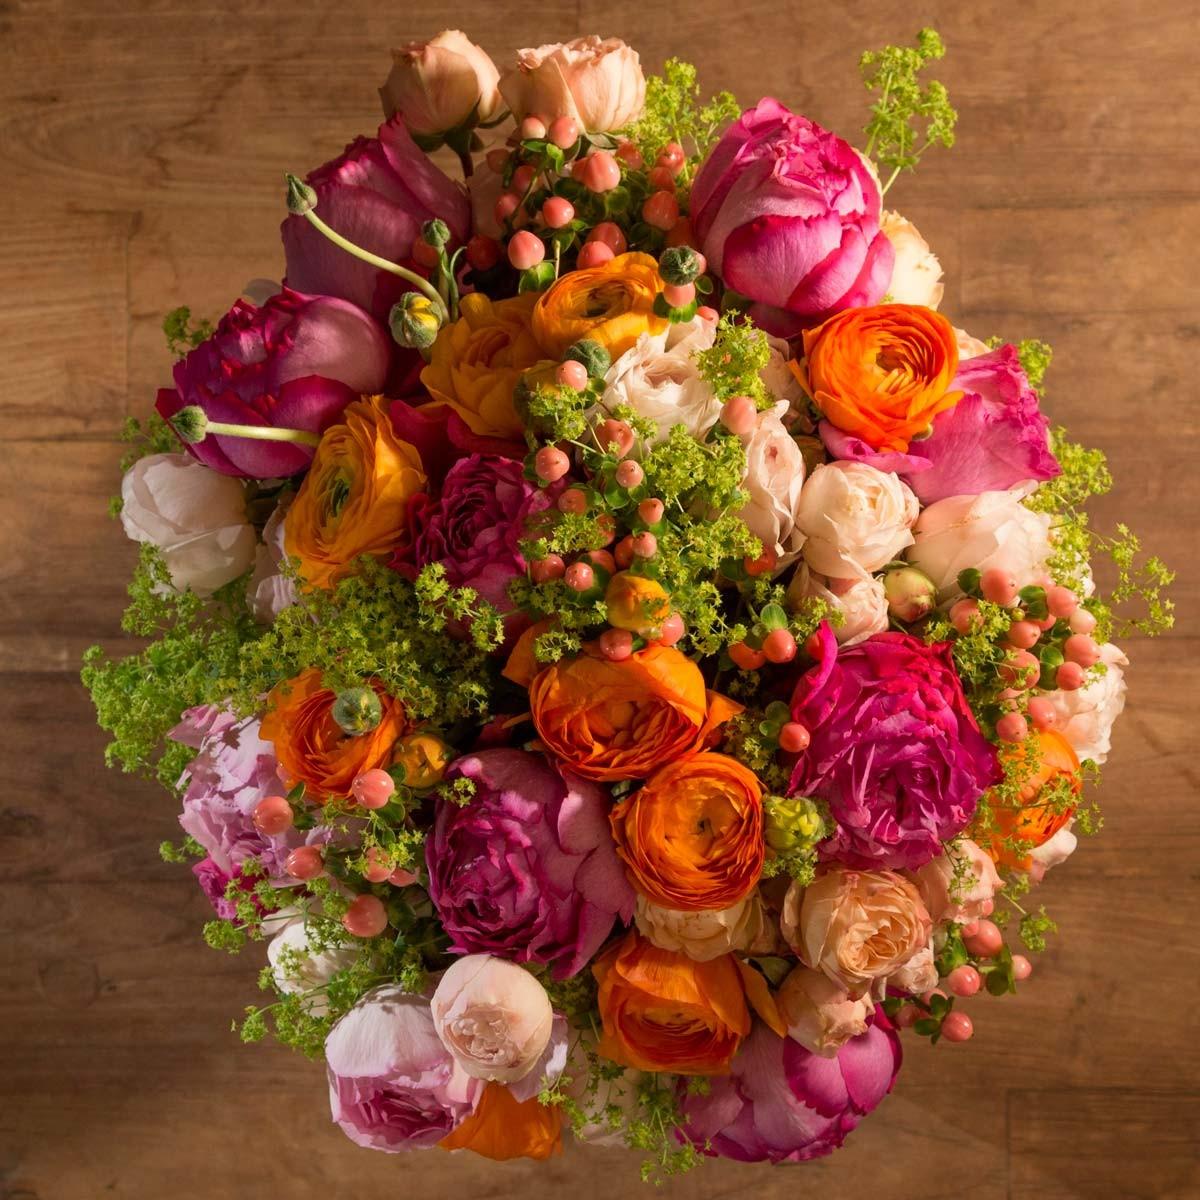 livraison fleurs domicile le bouquet de fleurs c res. Black Bedroom Furniture Sets. Home Design Ideas